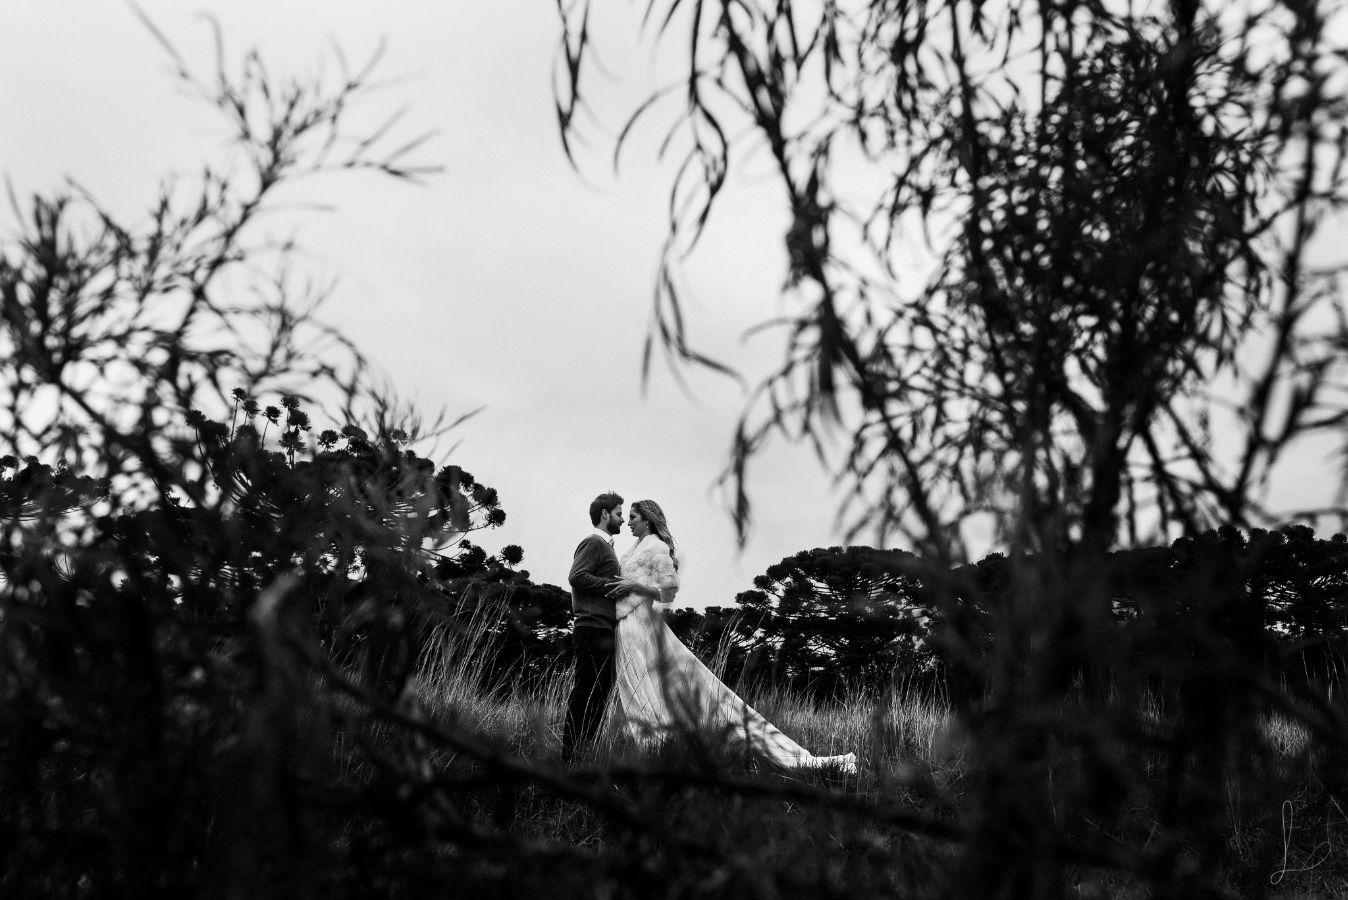 1dda168f-9be5-44e7-ade7-36012f8ba9a2 Pré Wedding no interior gaúcho - Nicole e Rafael | Inspire-se